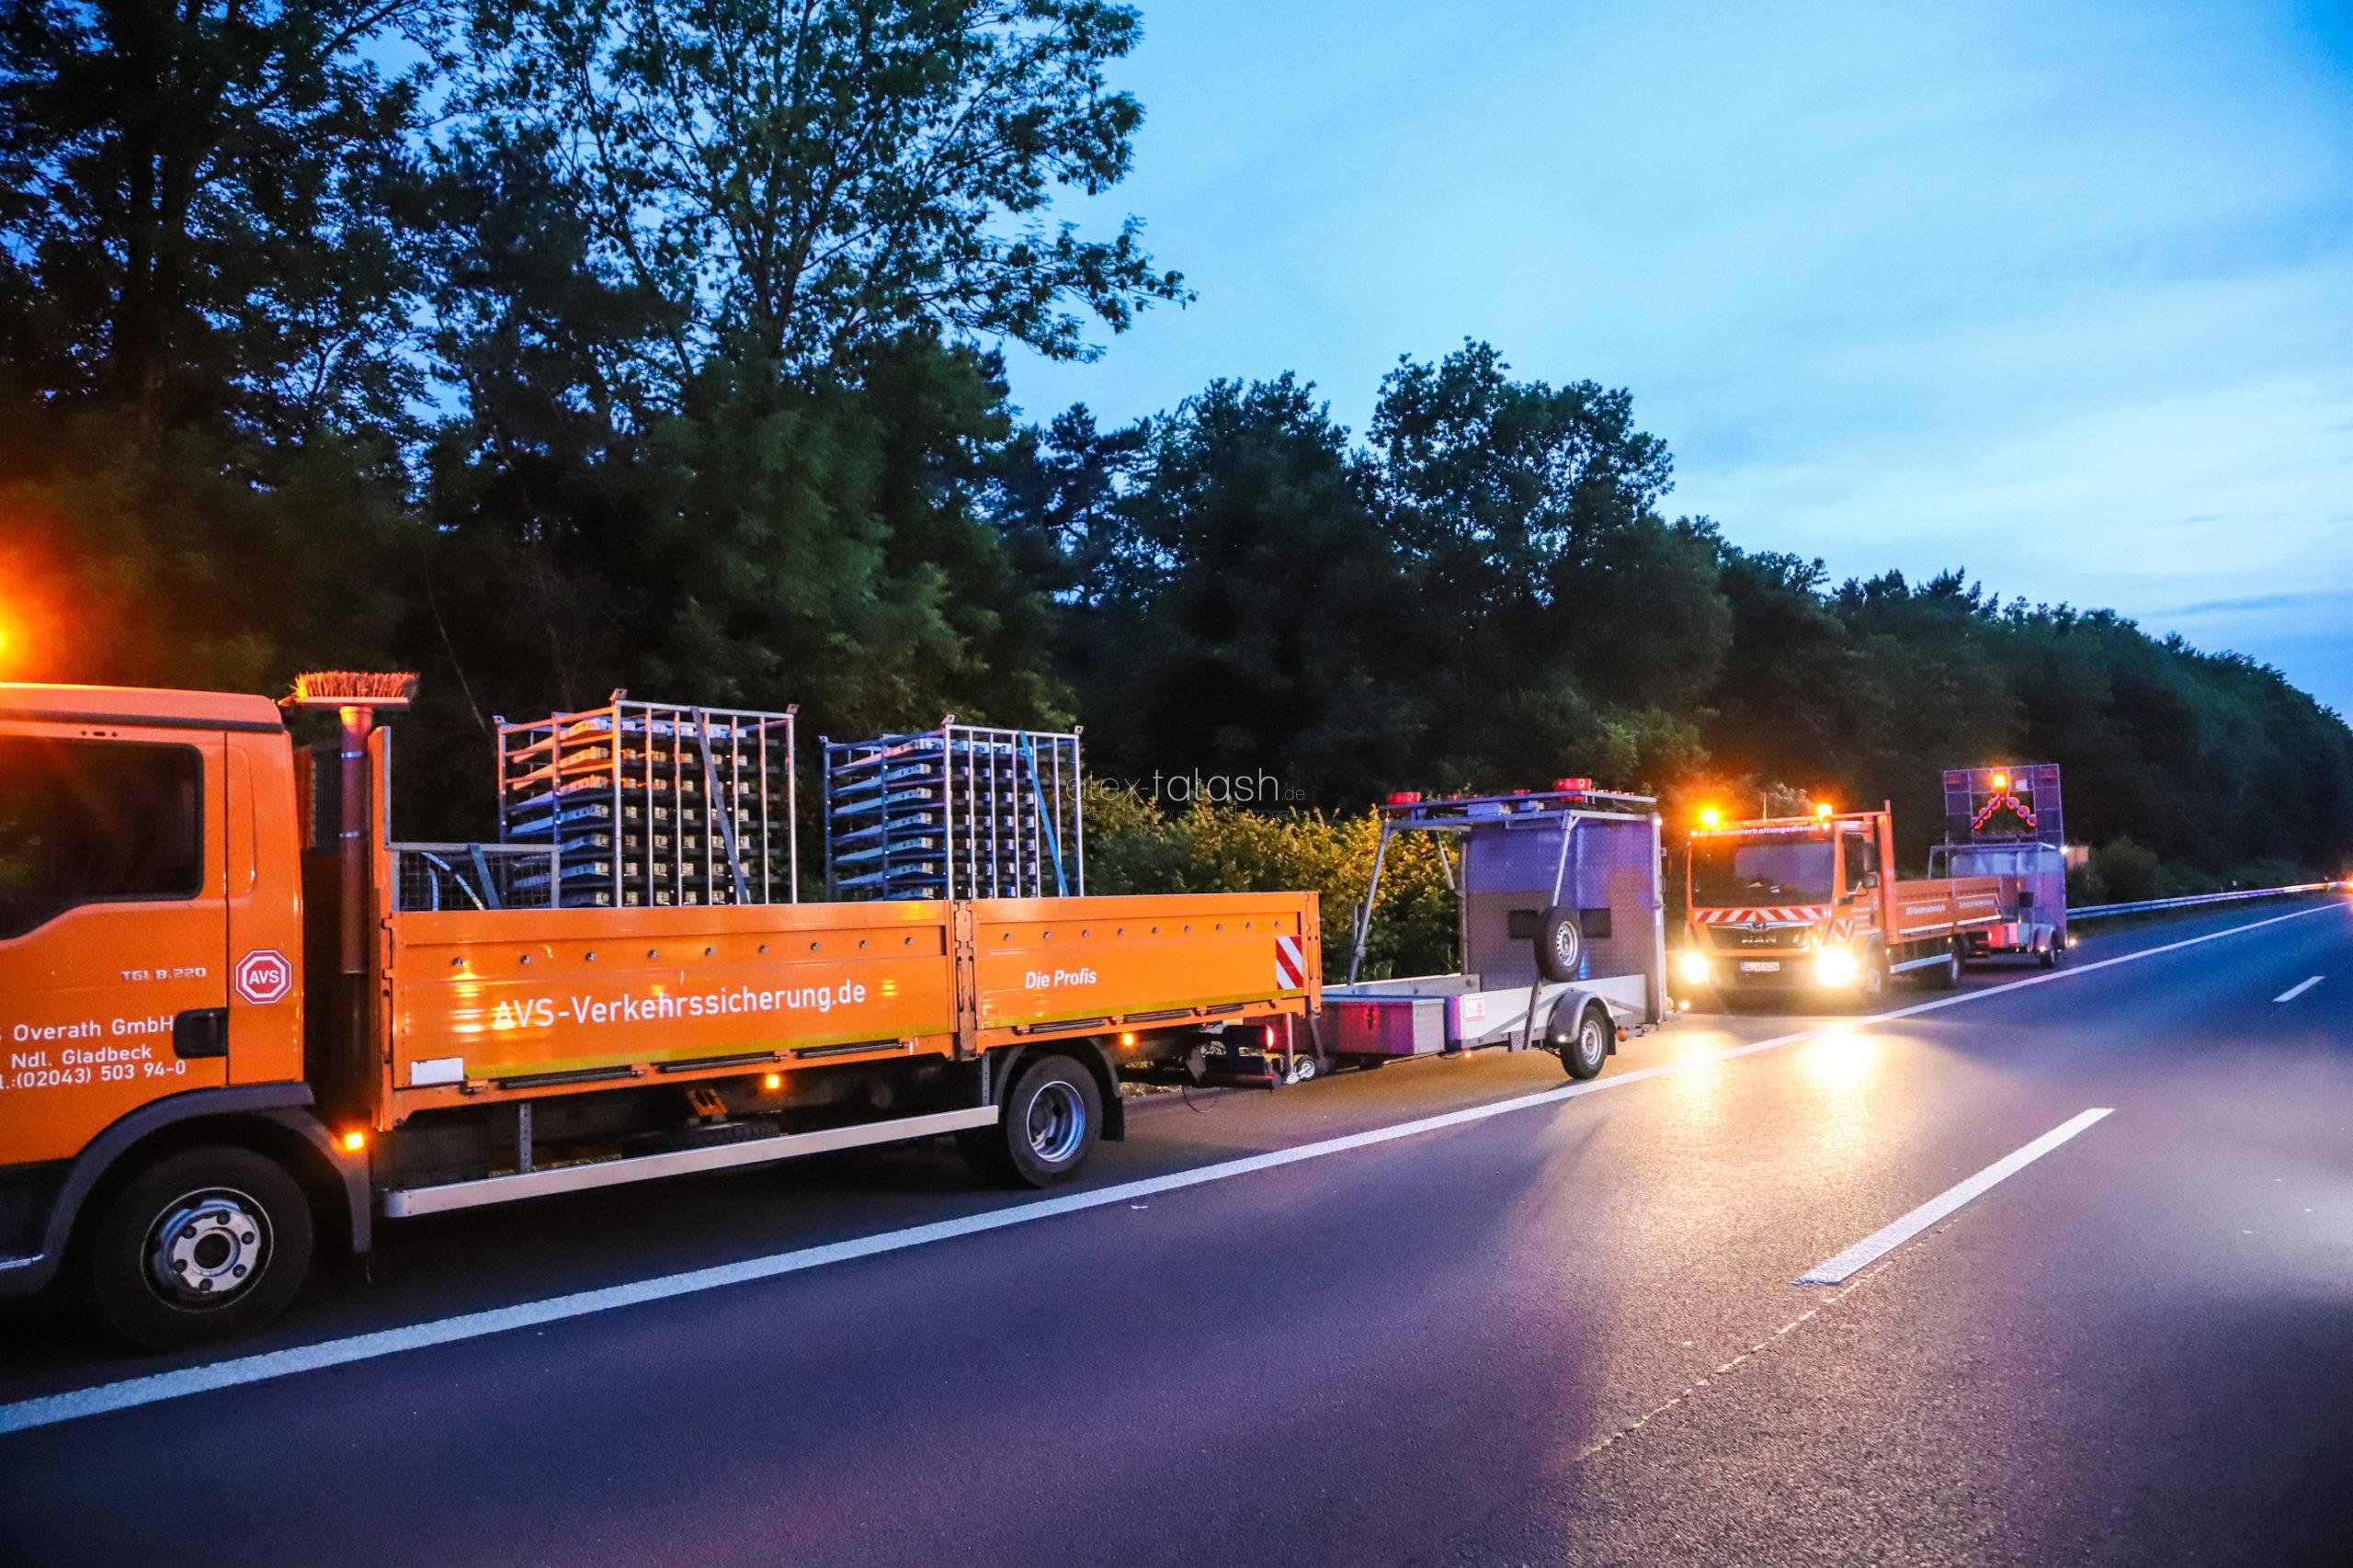 Arbeiter auf A45 bei Dortmund von Auto erfasst: Lebensgefahr